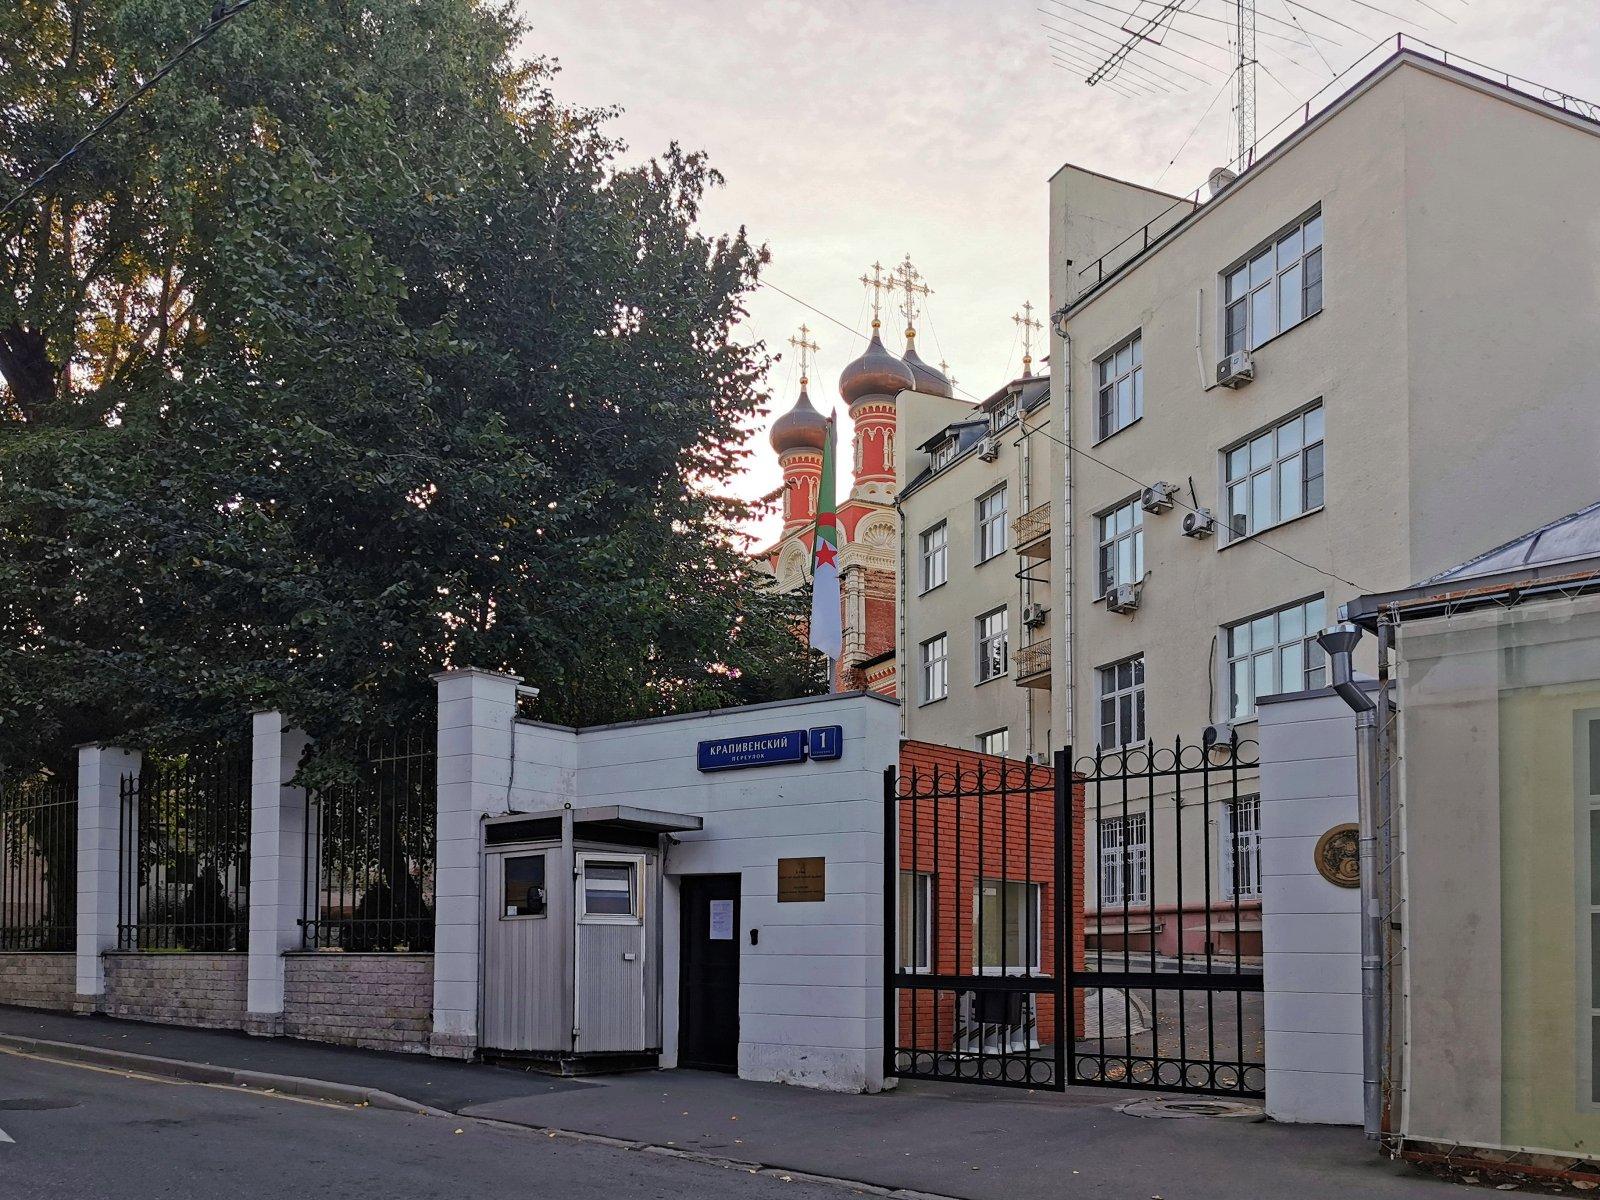 Посольство Алжира в РФ, Крапивенский переулок, 1а